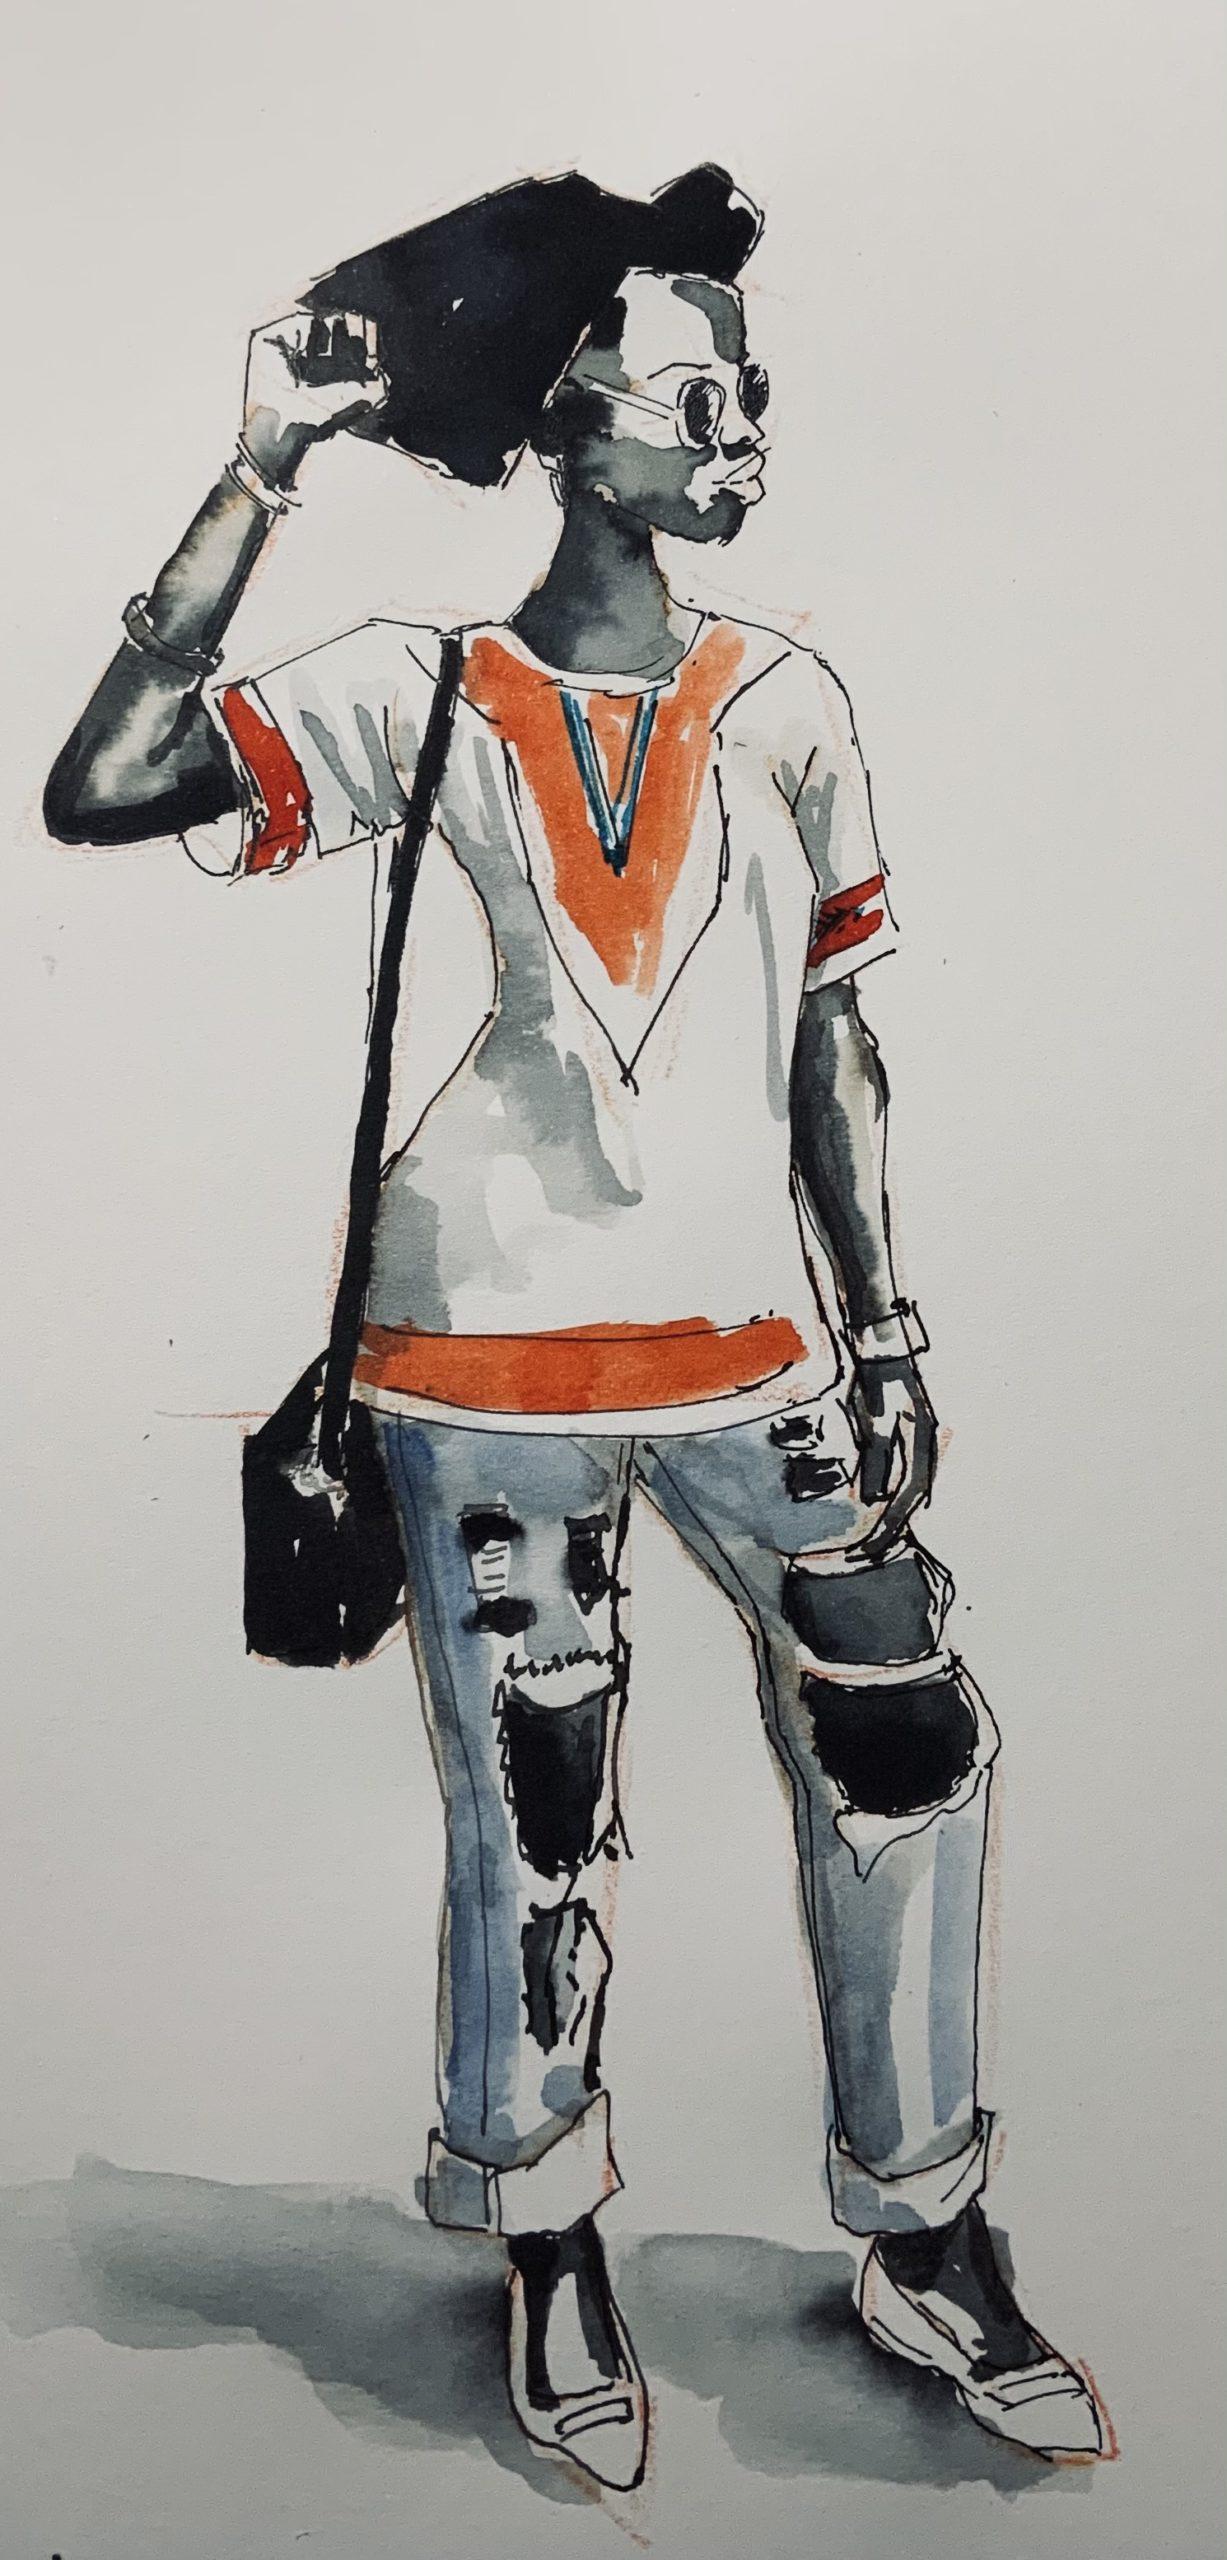 Portrait à l'encre de  Mussu, modèle Sktchy, pour illustrer